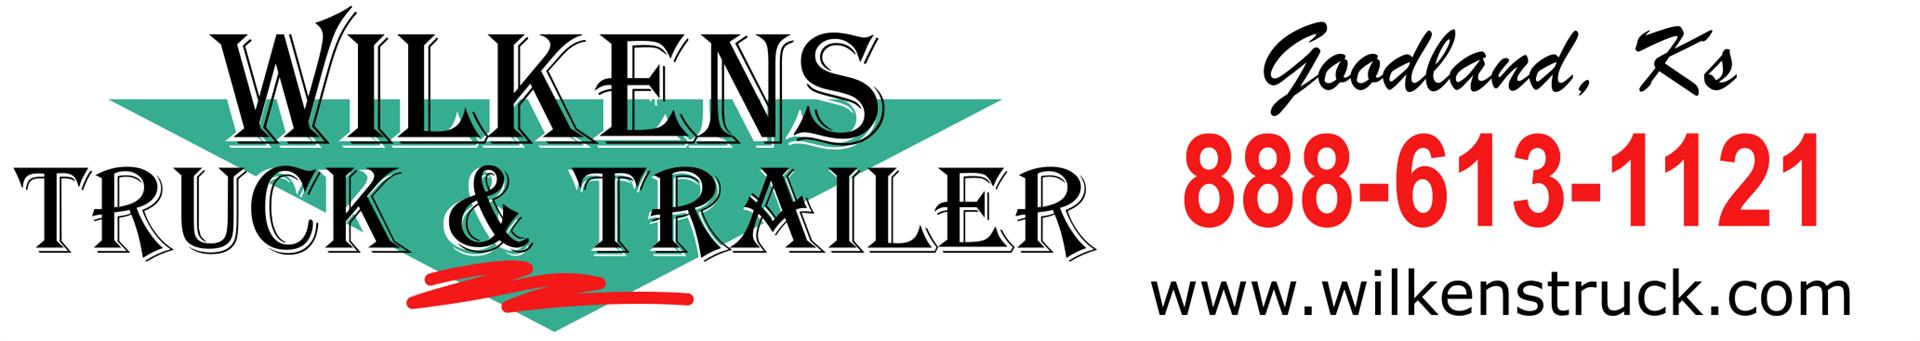 Wilkens Truck & Trailer, Inc